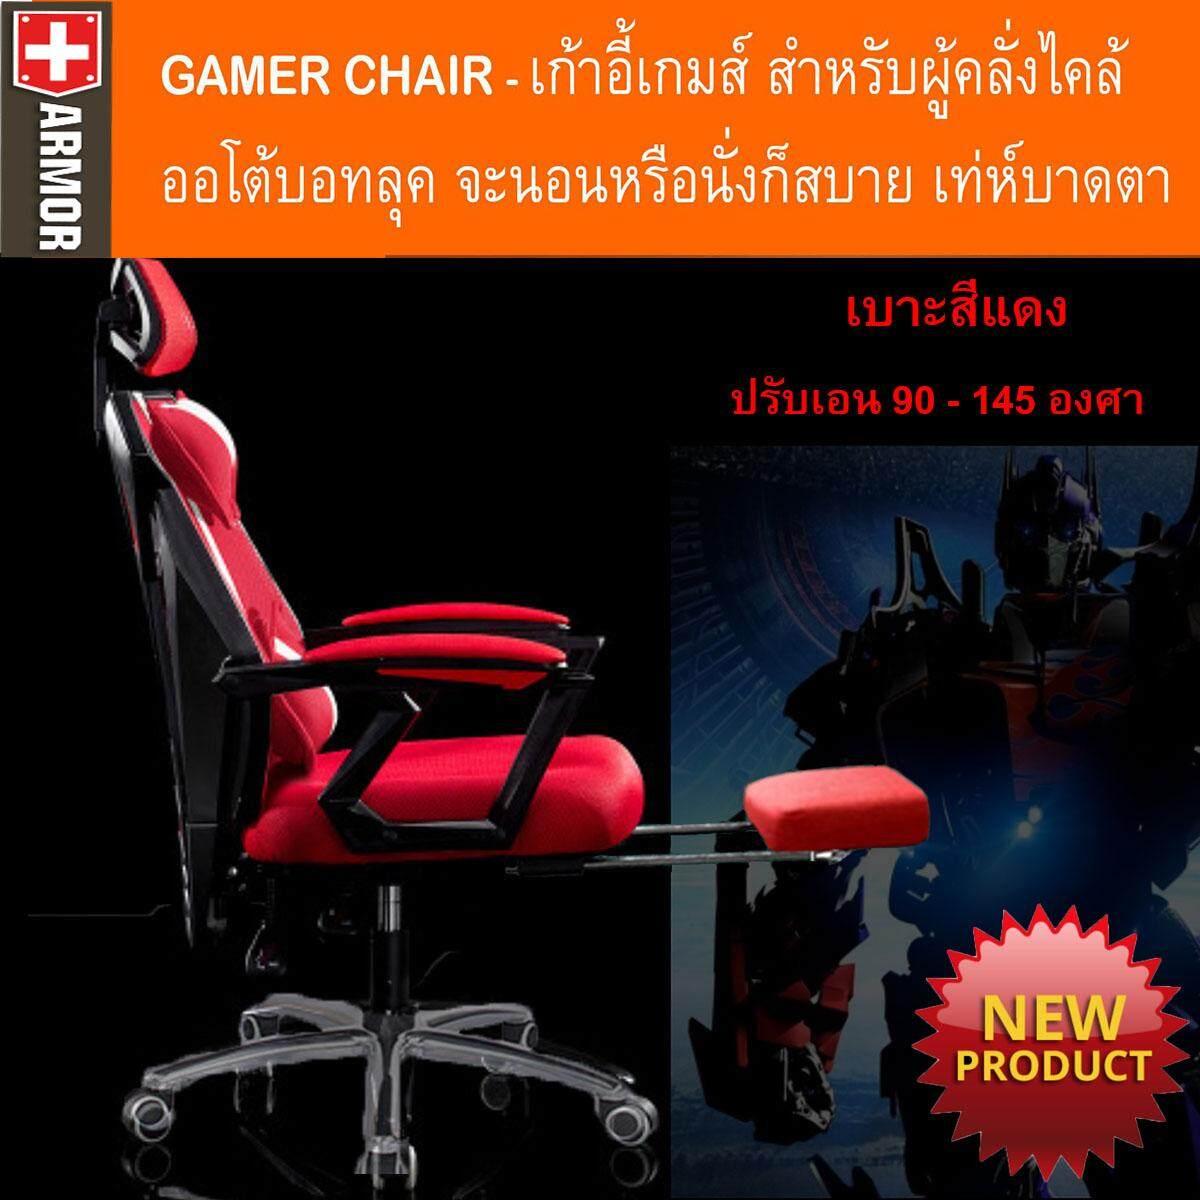 ยี่ห้อนี้ดีไหม  ARMOR เก้าอี้เล่นเกม เก้าอี้เกมมิ่ง เก้าอี้คอเกม เกมส์ เก้าอี้คอม เก้าอี้ทำงาน เก้าอี้เรซซิ่ง Raching Gaming Chair Office Chair รุ่น MODEL : GMC-803(TFM)RE# สีแดง